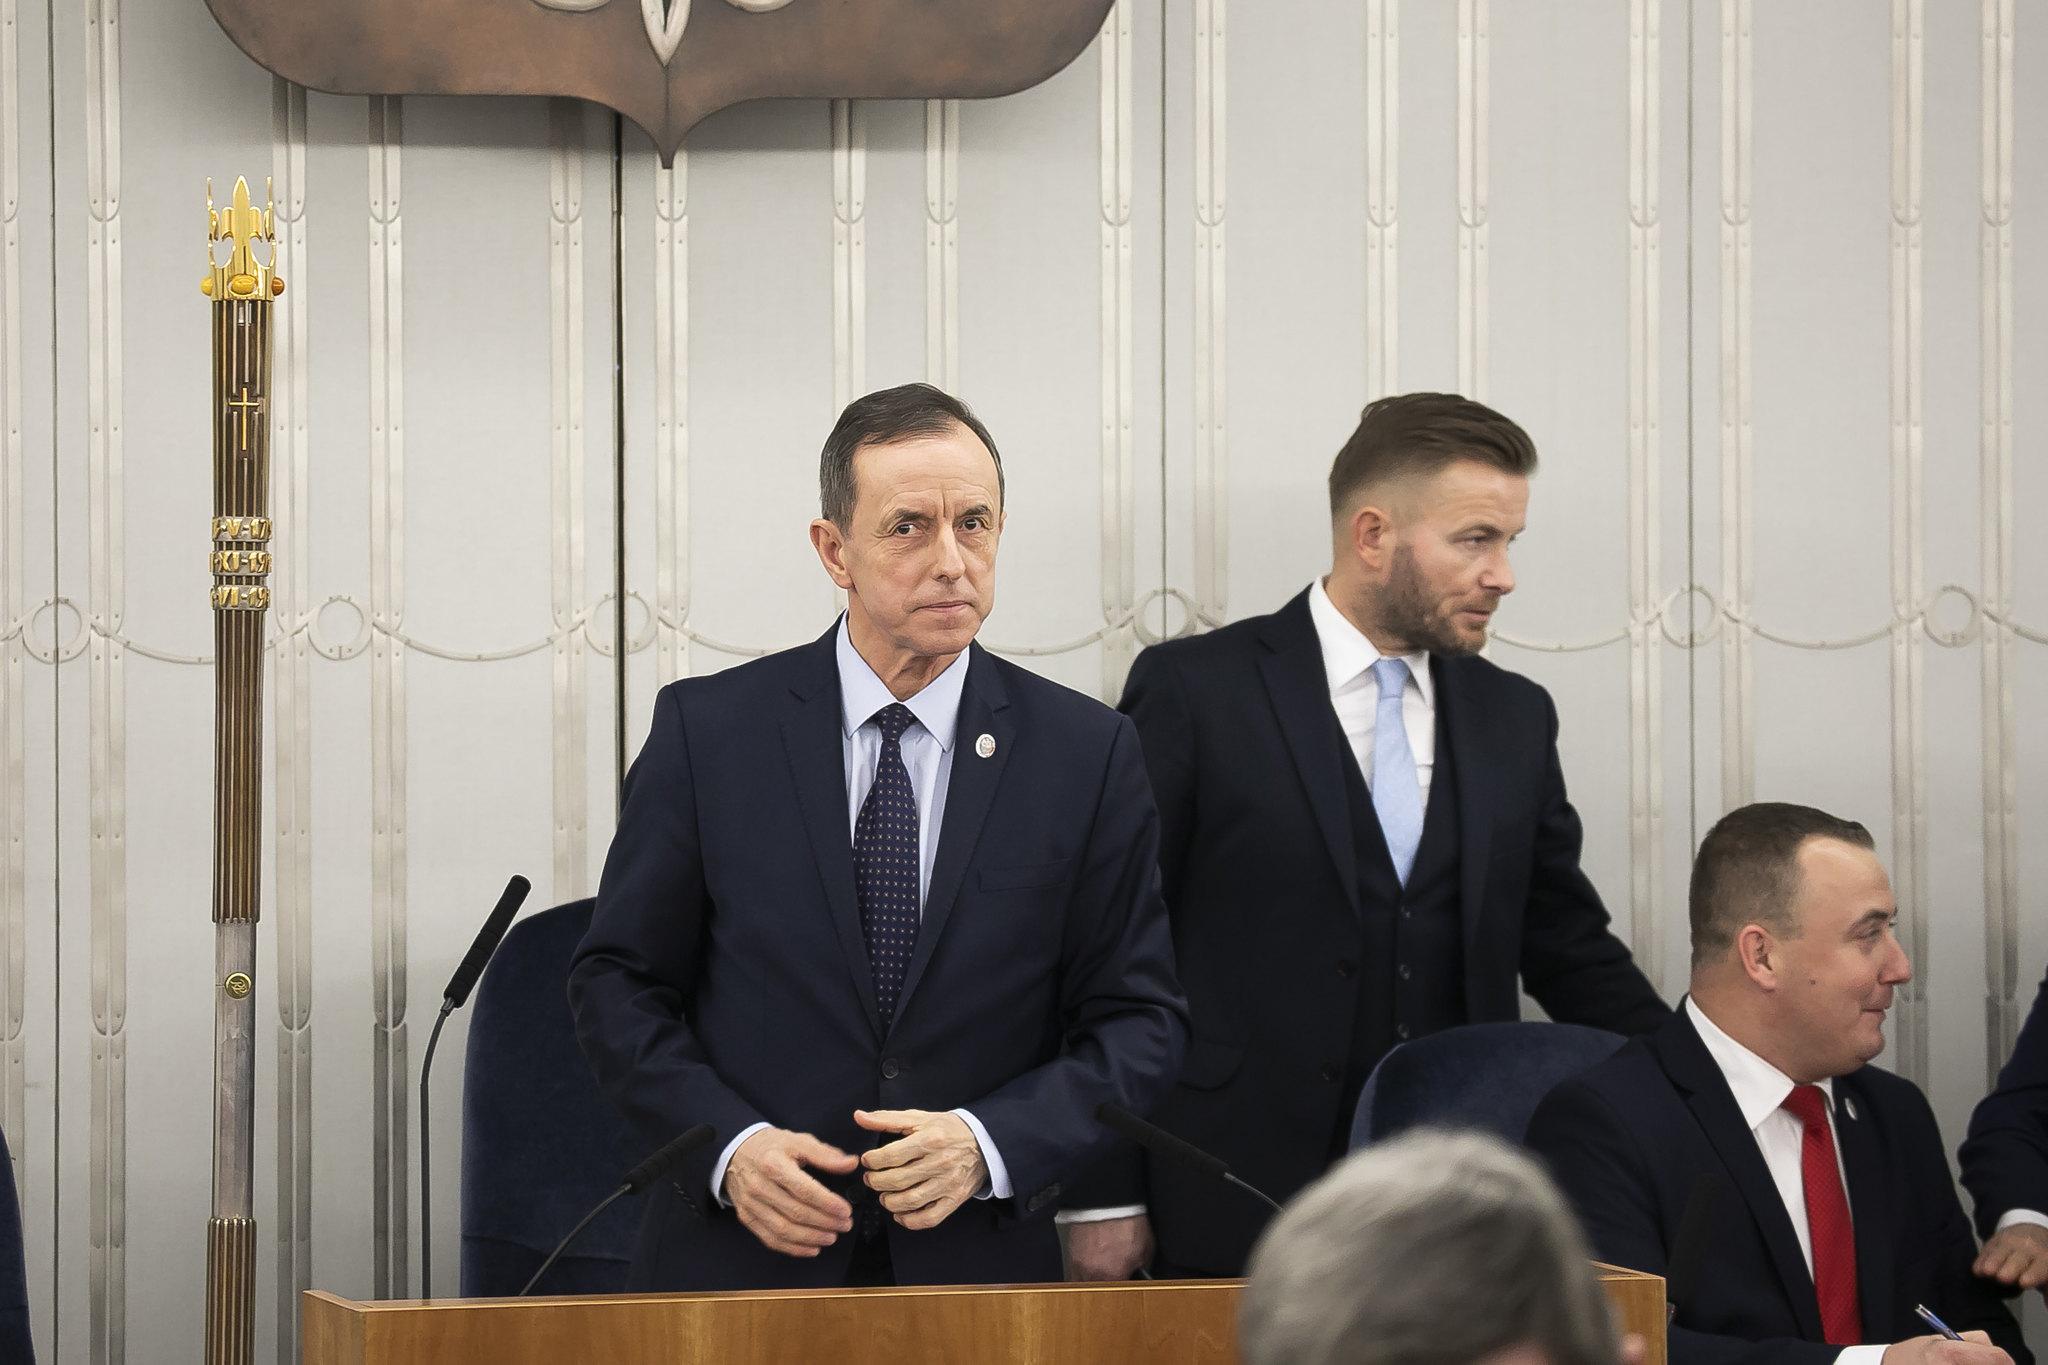 Powróciła sprawa uchylenia immunitetu Grodzkiemu. PiS składa wniosek